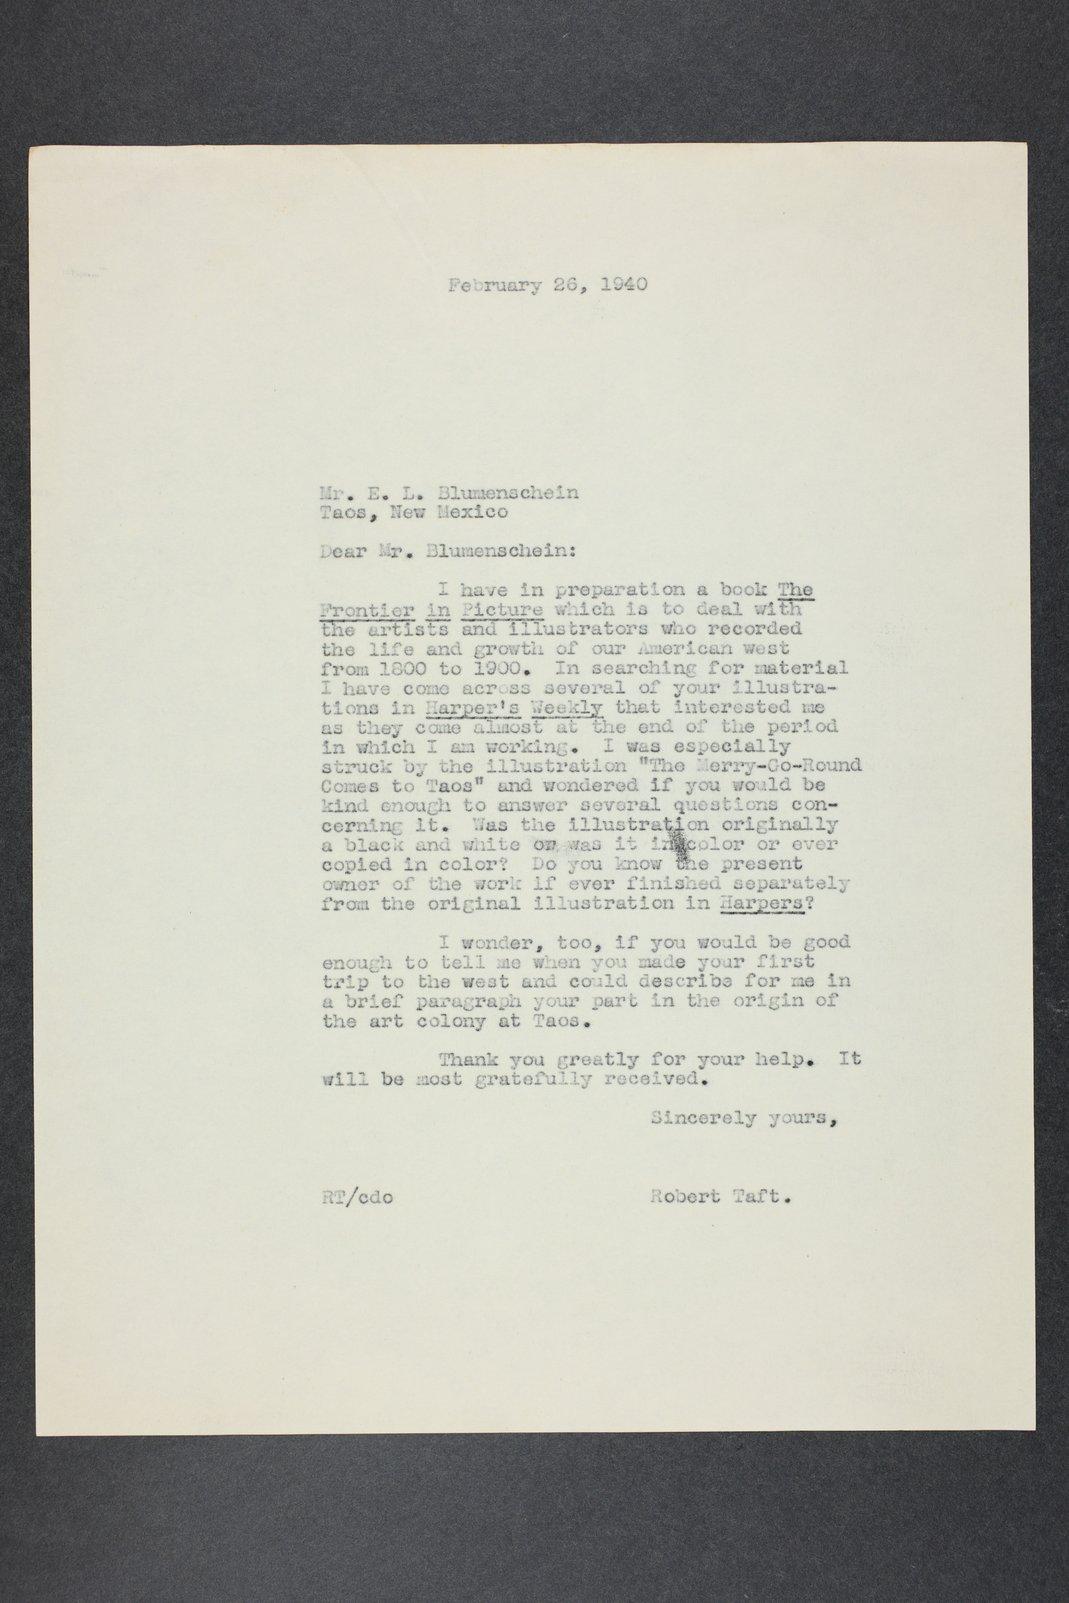 Robert Taft correspondence related to frontier artists, Blumenshein - Cary - 1  [Folder 1, Ernest L. Blumenshein]